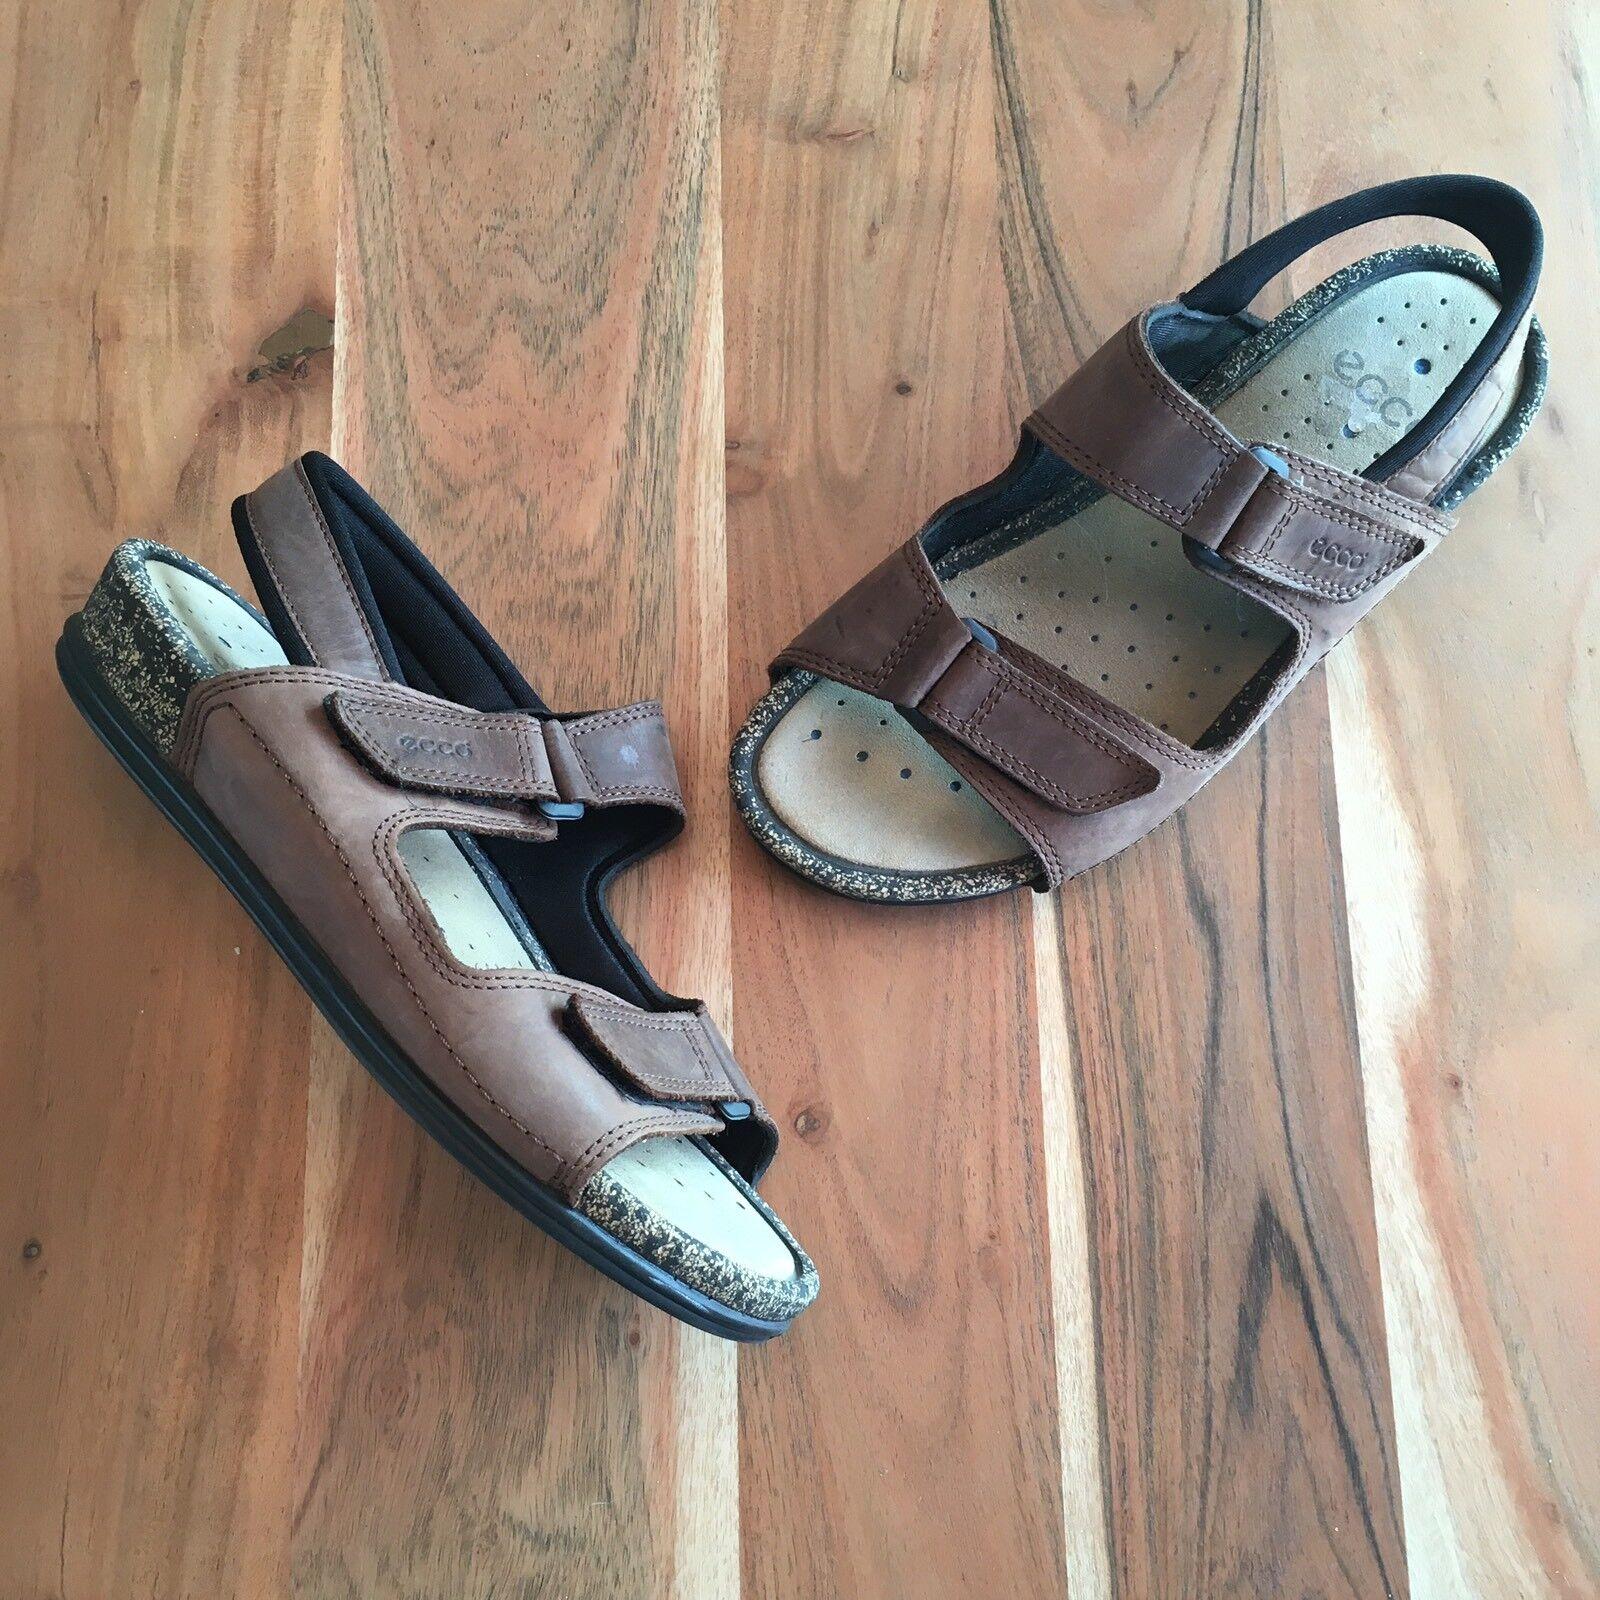 Ecco 3 de cuero marrón-Correa Comfort Sandalias De Mujer Sz Sz Sz 42 US 11-11.5  ventas en línea de venta